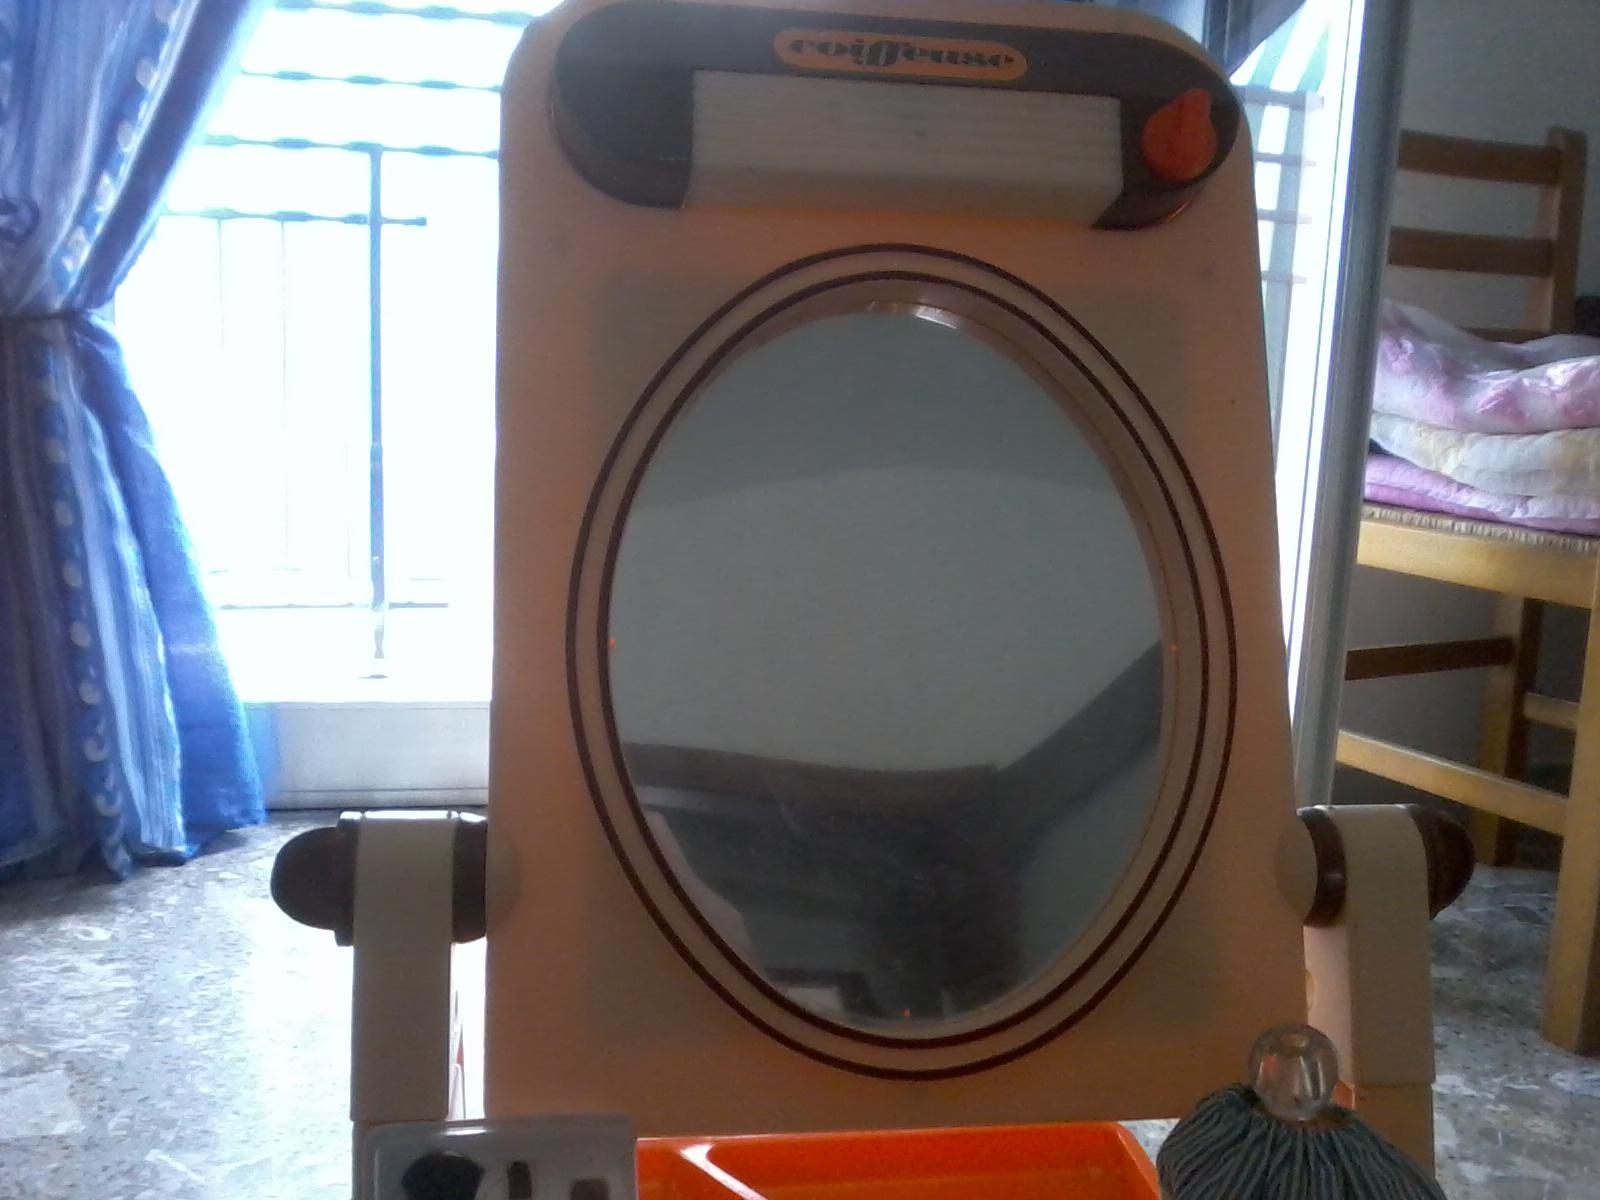 specchio magico della tv marca francese jouets berchet anni 70 90a9fn